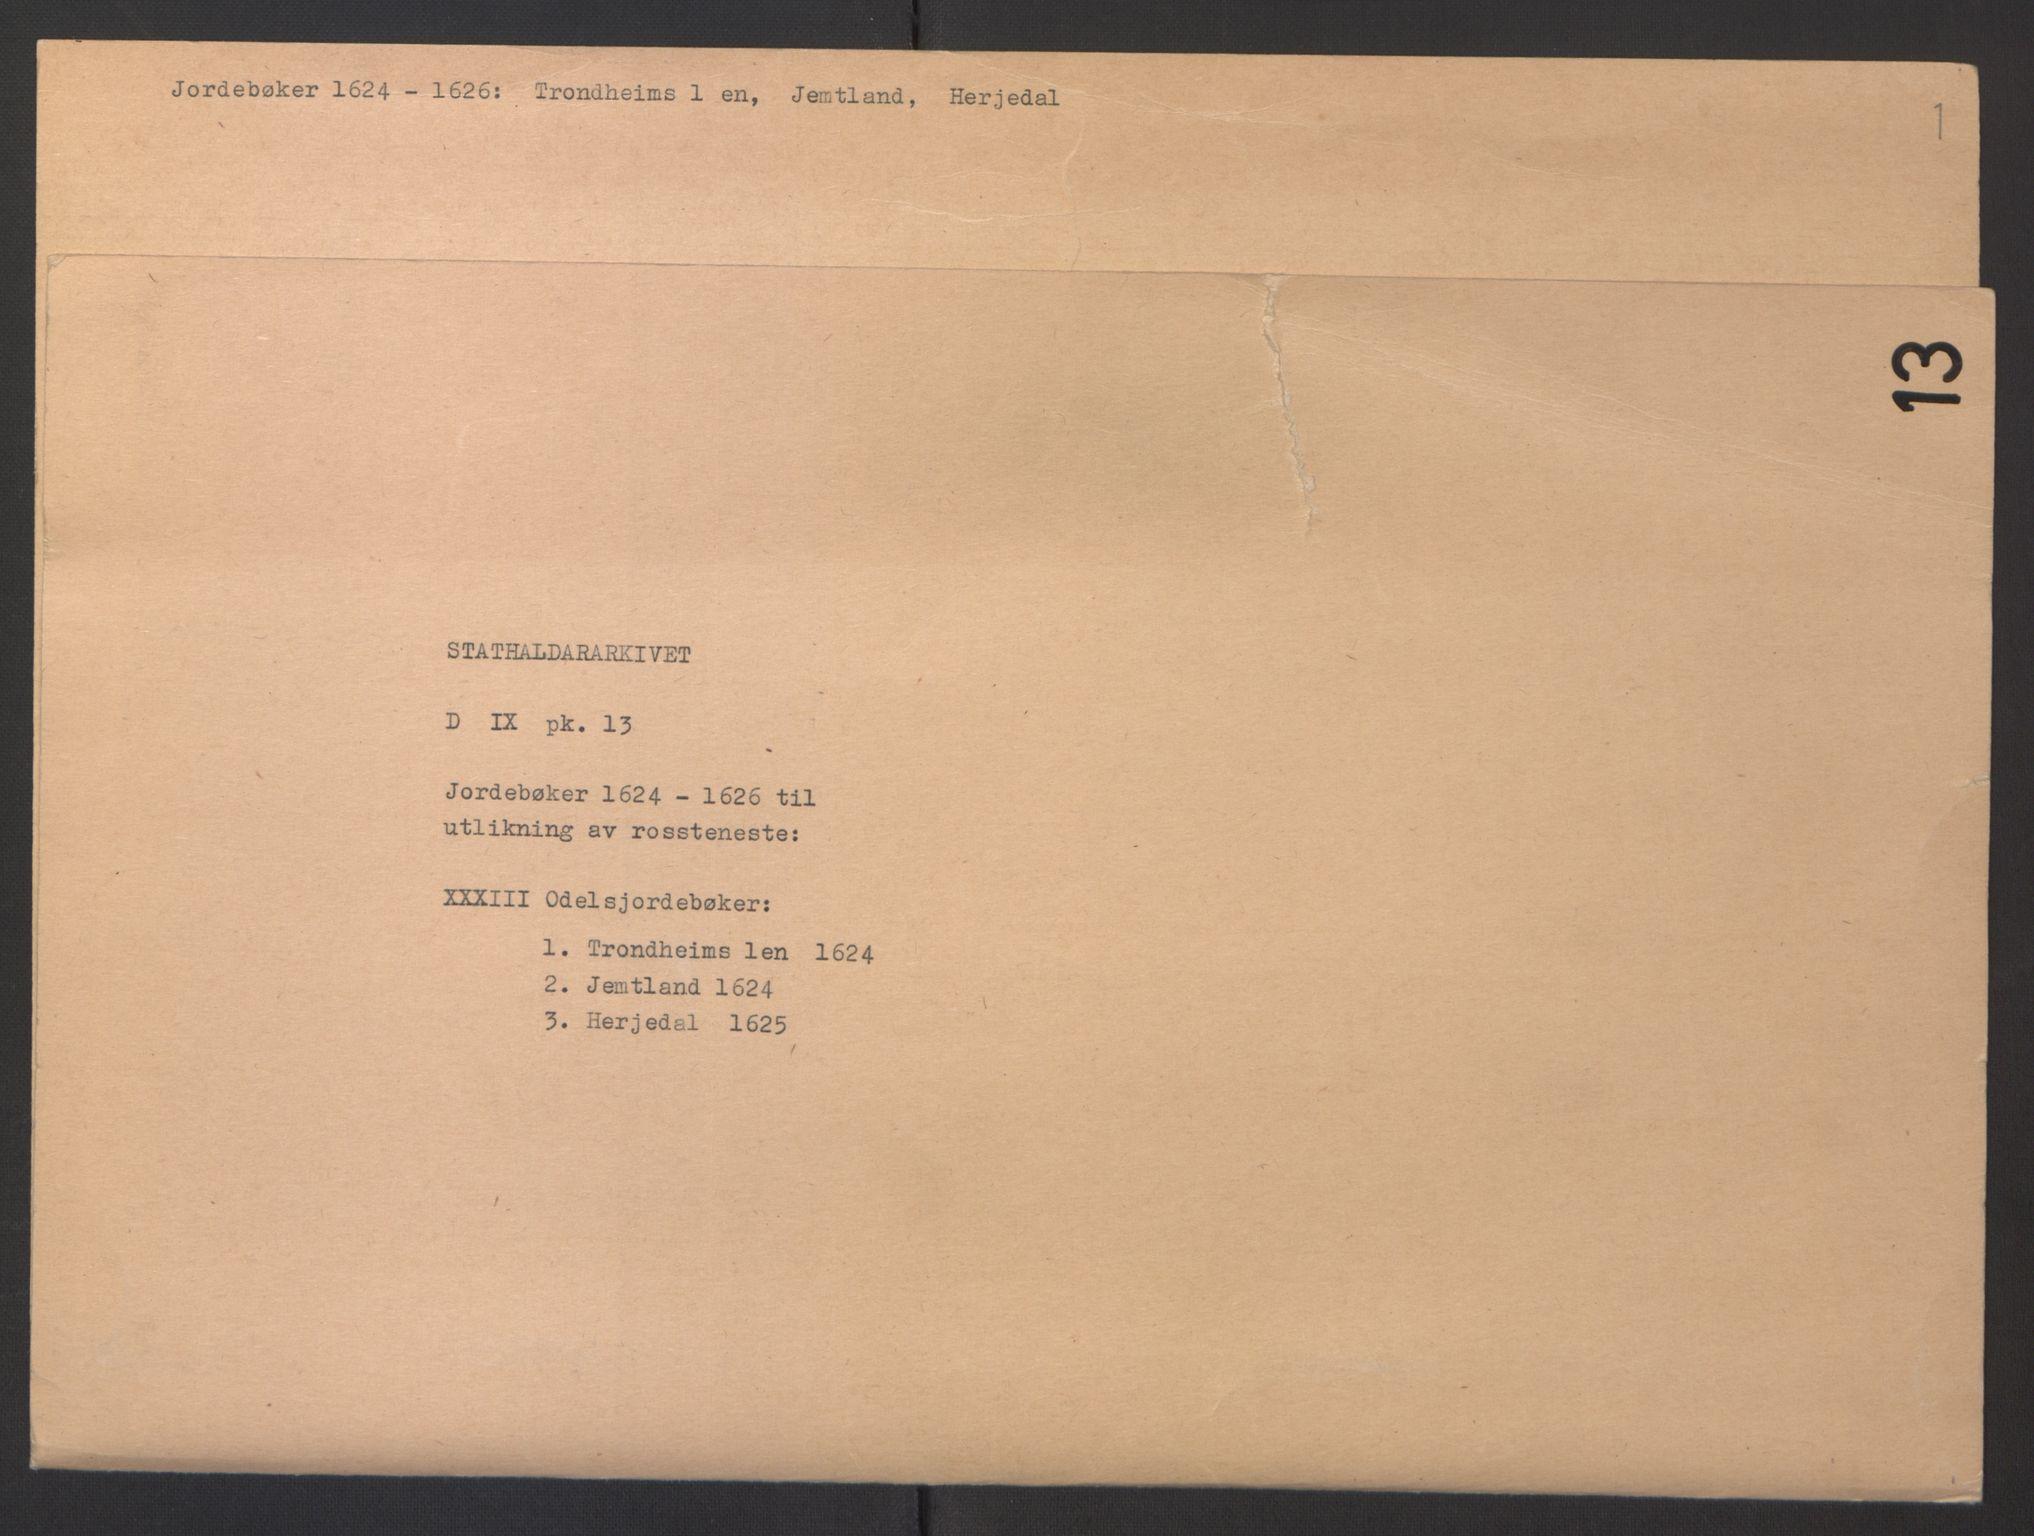 RA, Stattholderembetet 1572-1771, Ek/L0013: Jordebøker til utlikning av rosstjeneste 1624-1626:, 1624-1625, s. 2